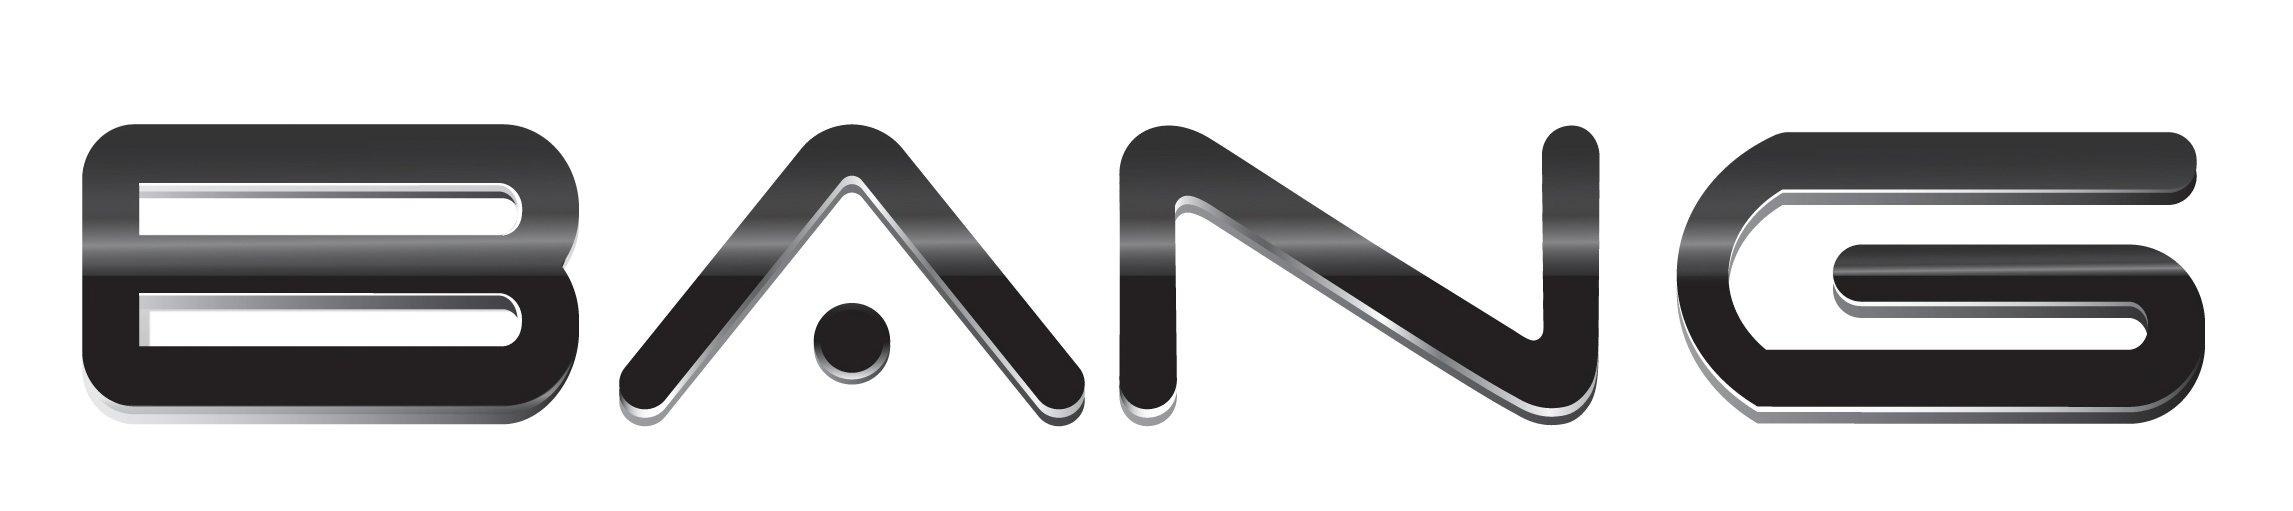 BANG.ua приглашает на работу менеджера по продажам